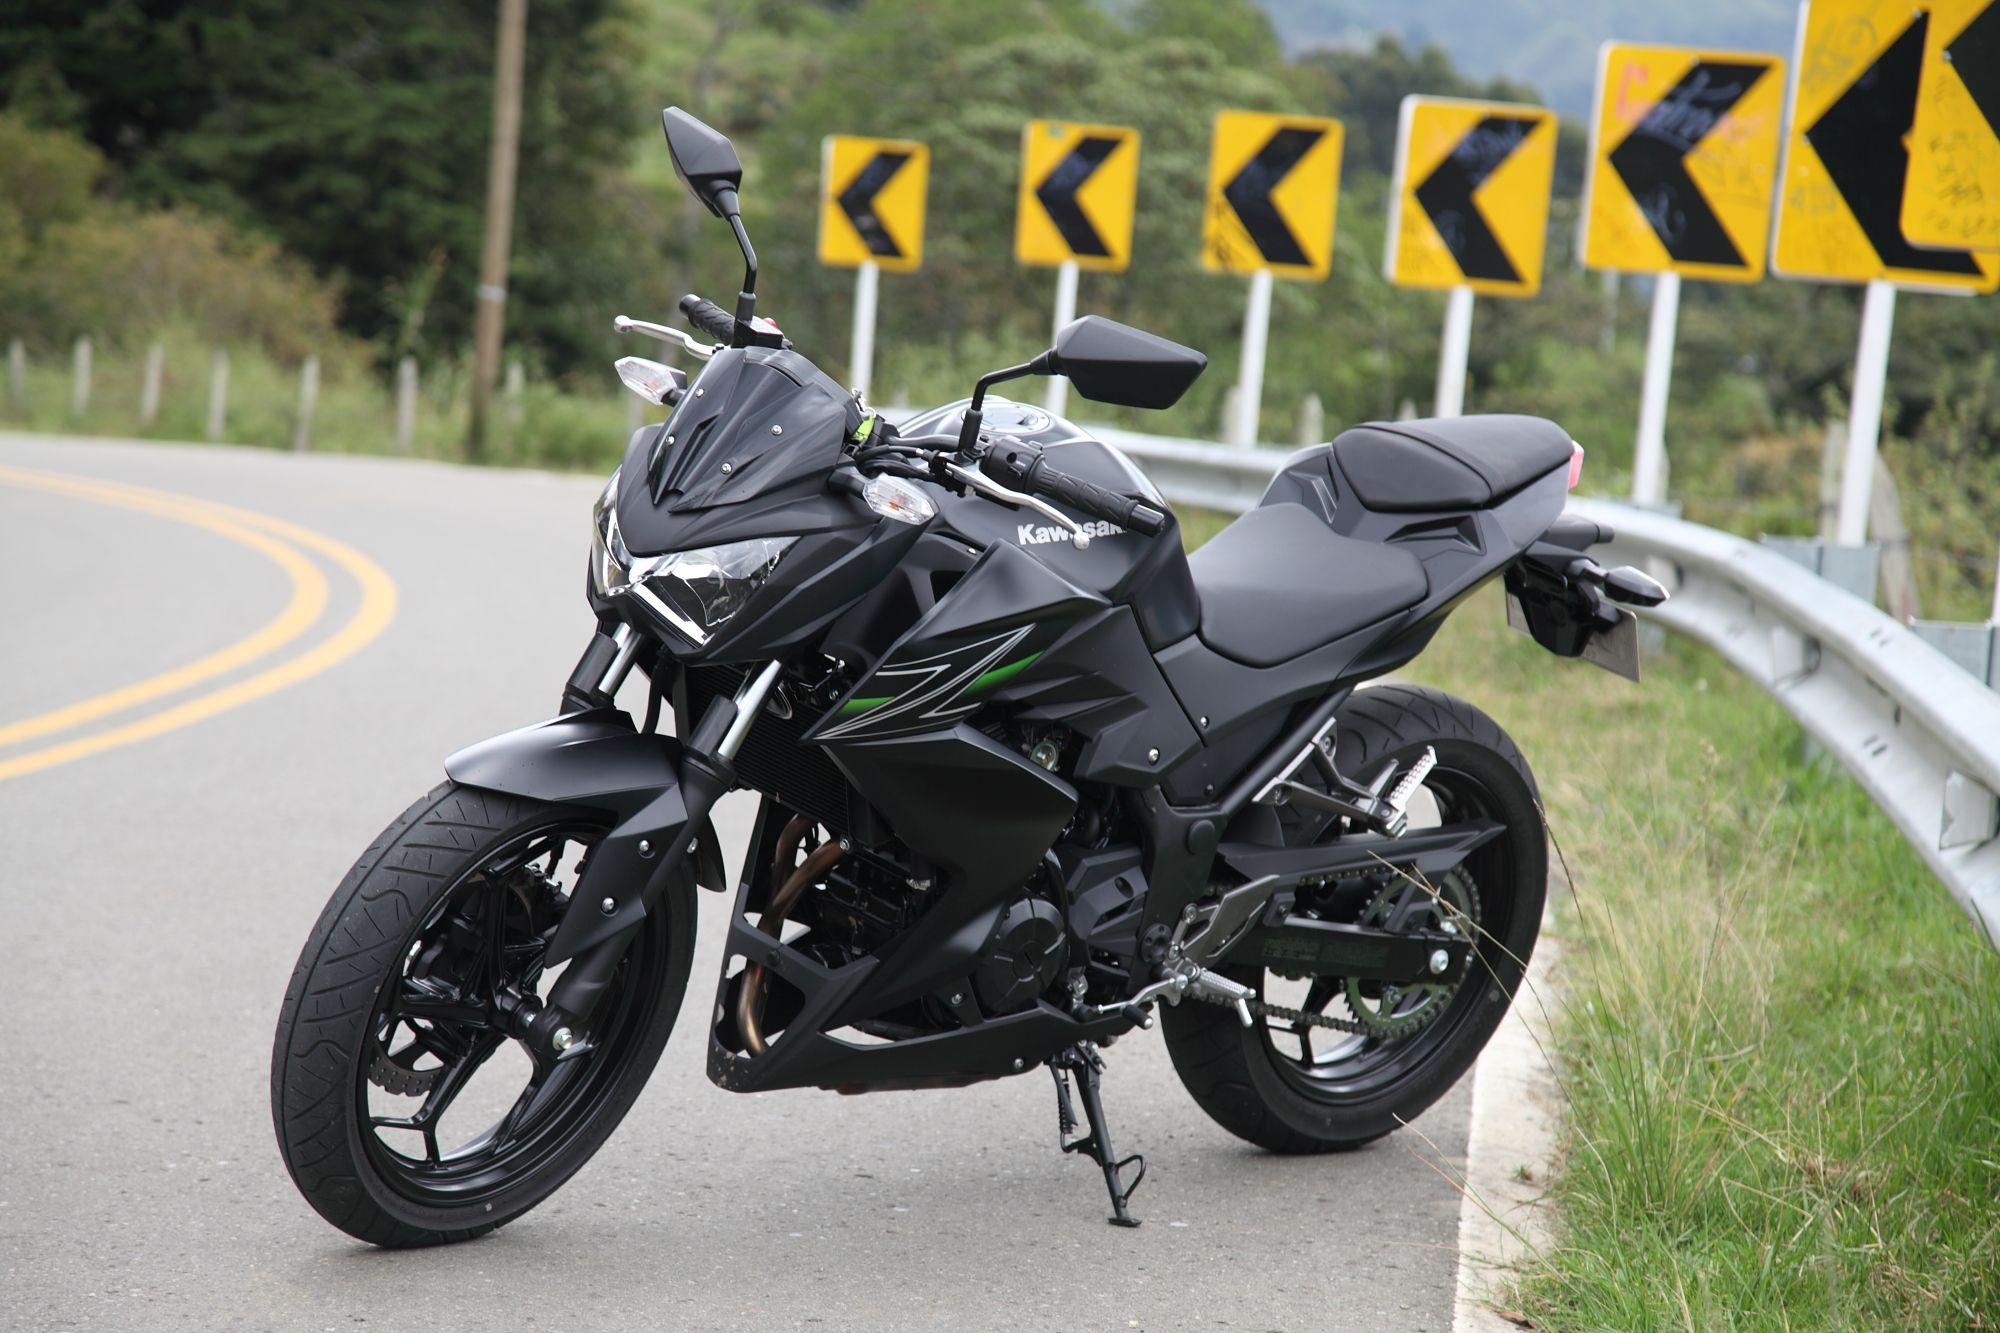 Prueba A Fondo Kawasaki Z250 Kawasaki Ninja Cup Colombia Kawasaki Cool Bikes Moto Car